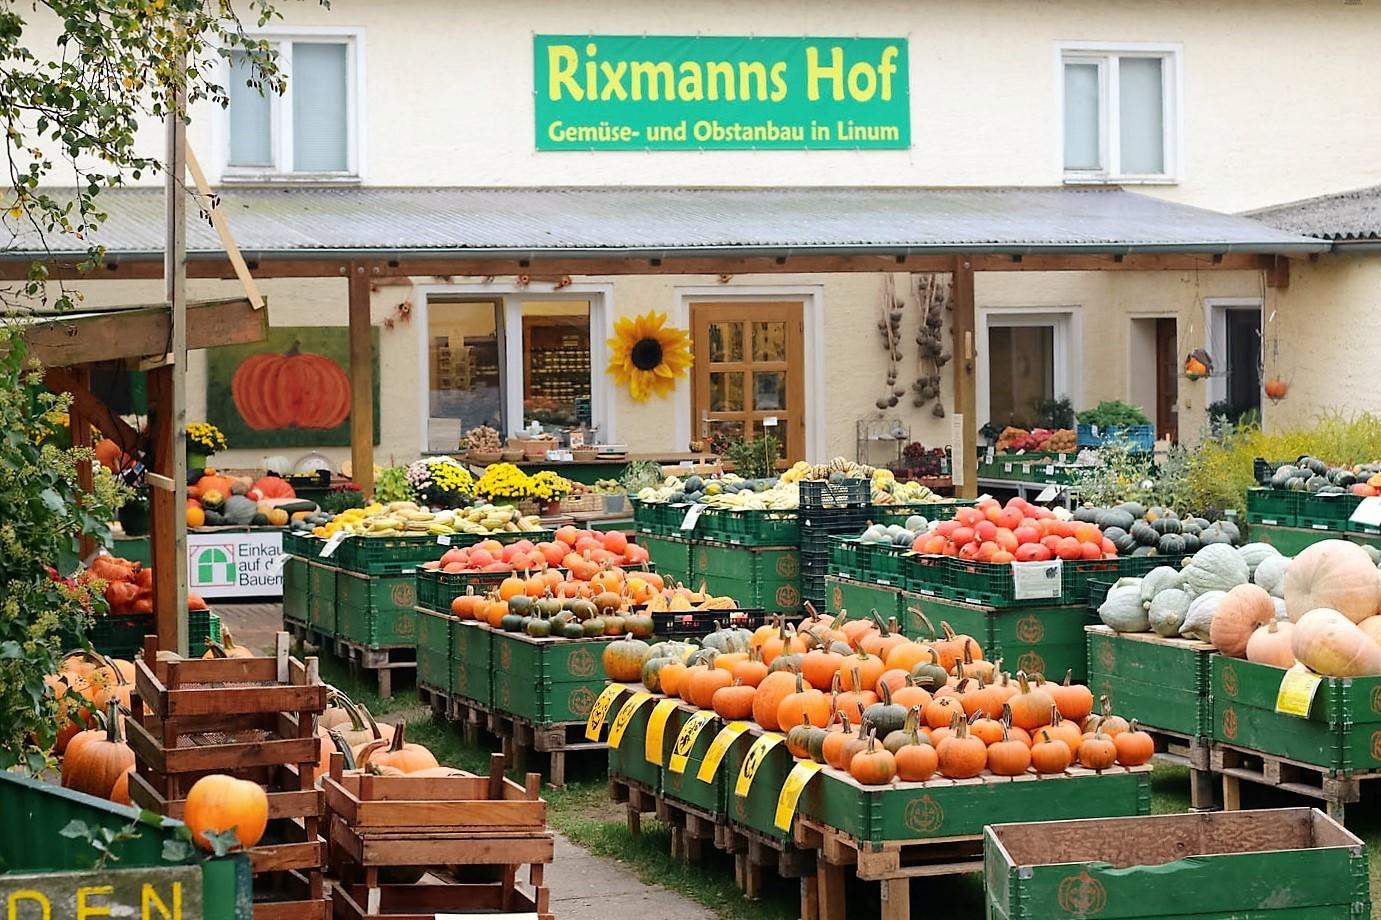 Rixxmanns Hof Linum